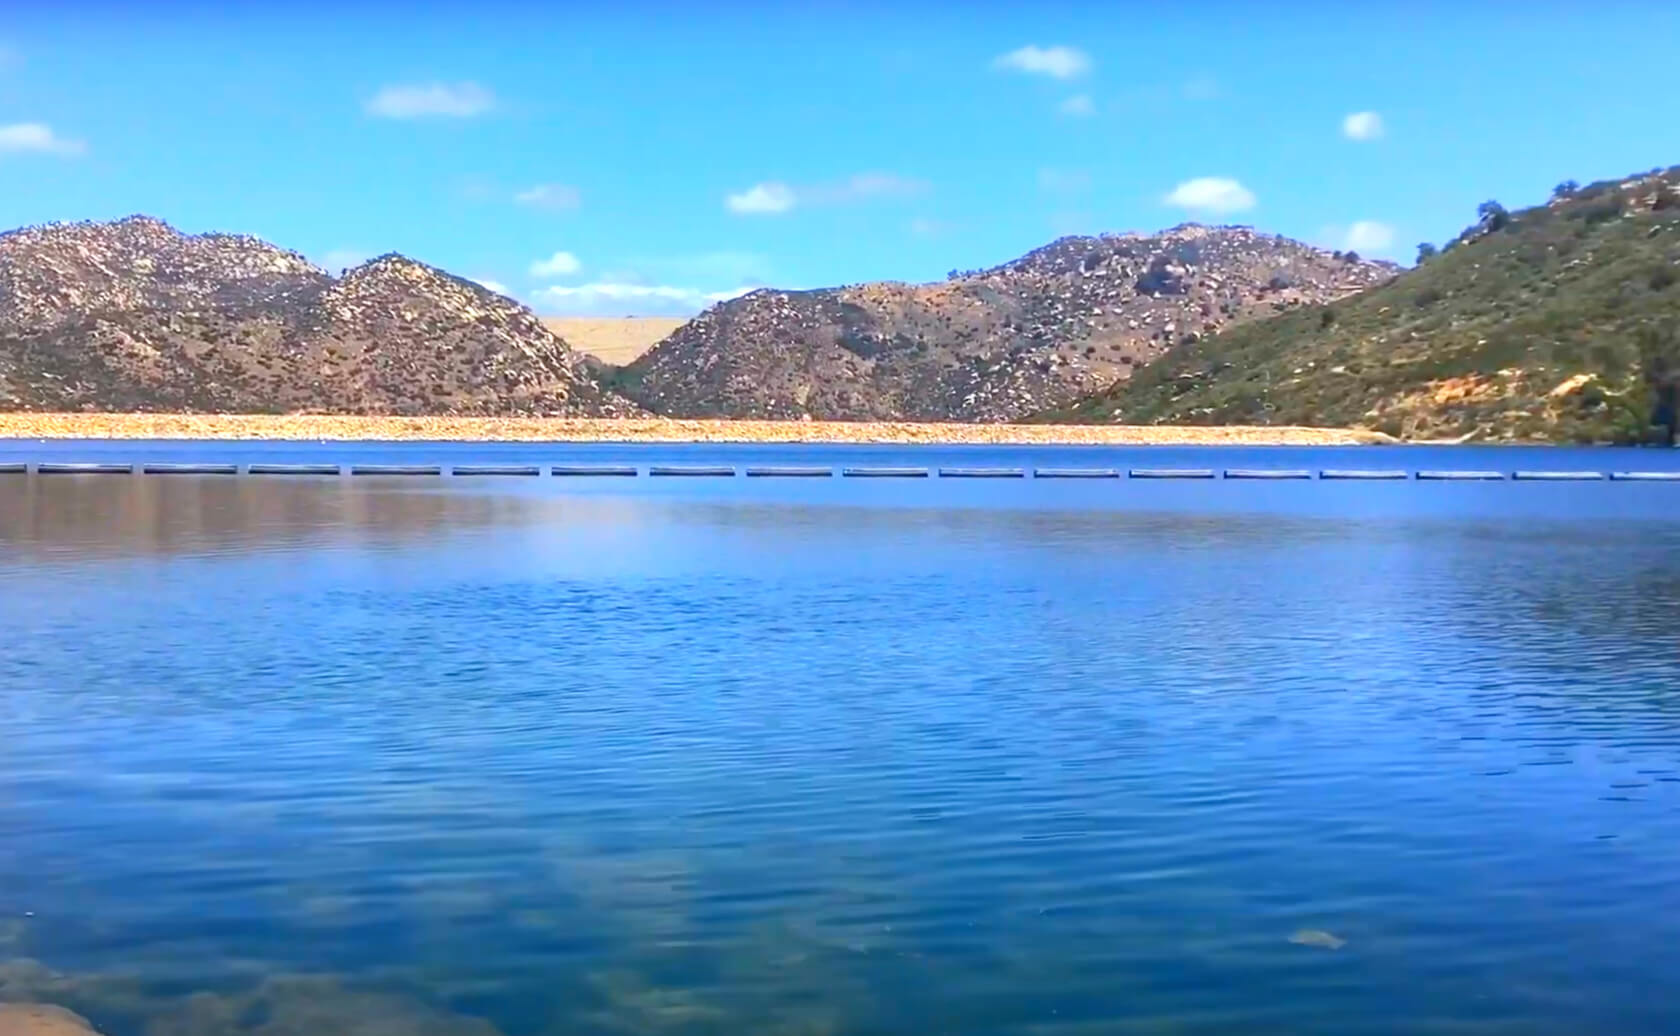 Poway-Lake-fishing-guide-report-California-05